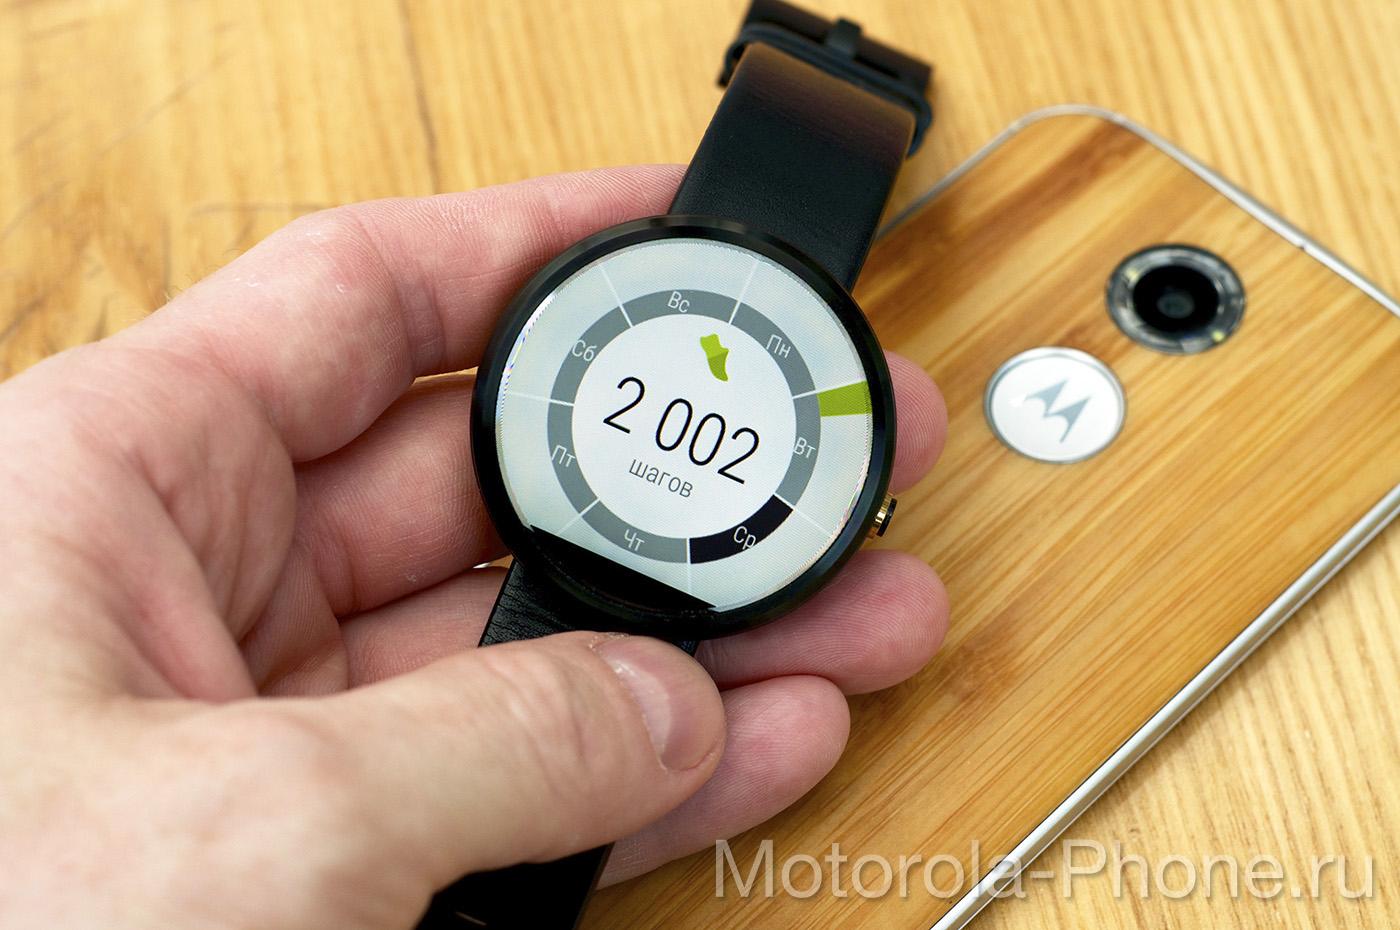 Motorola-Moto-360-Android-Wear-5-1-38 copy